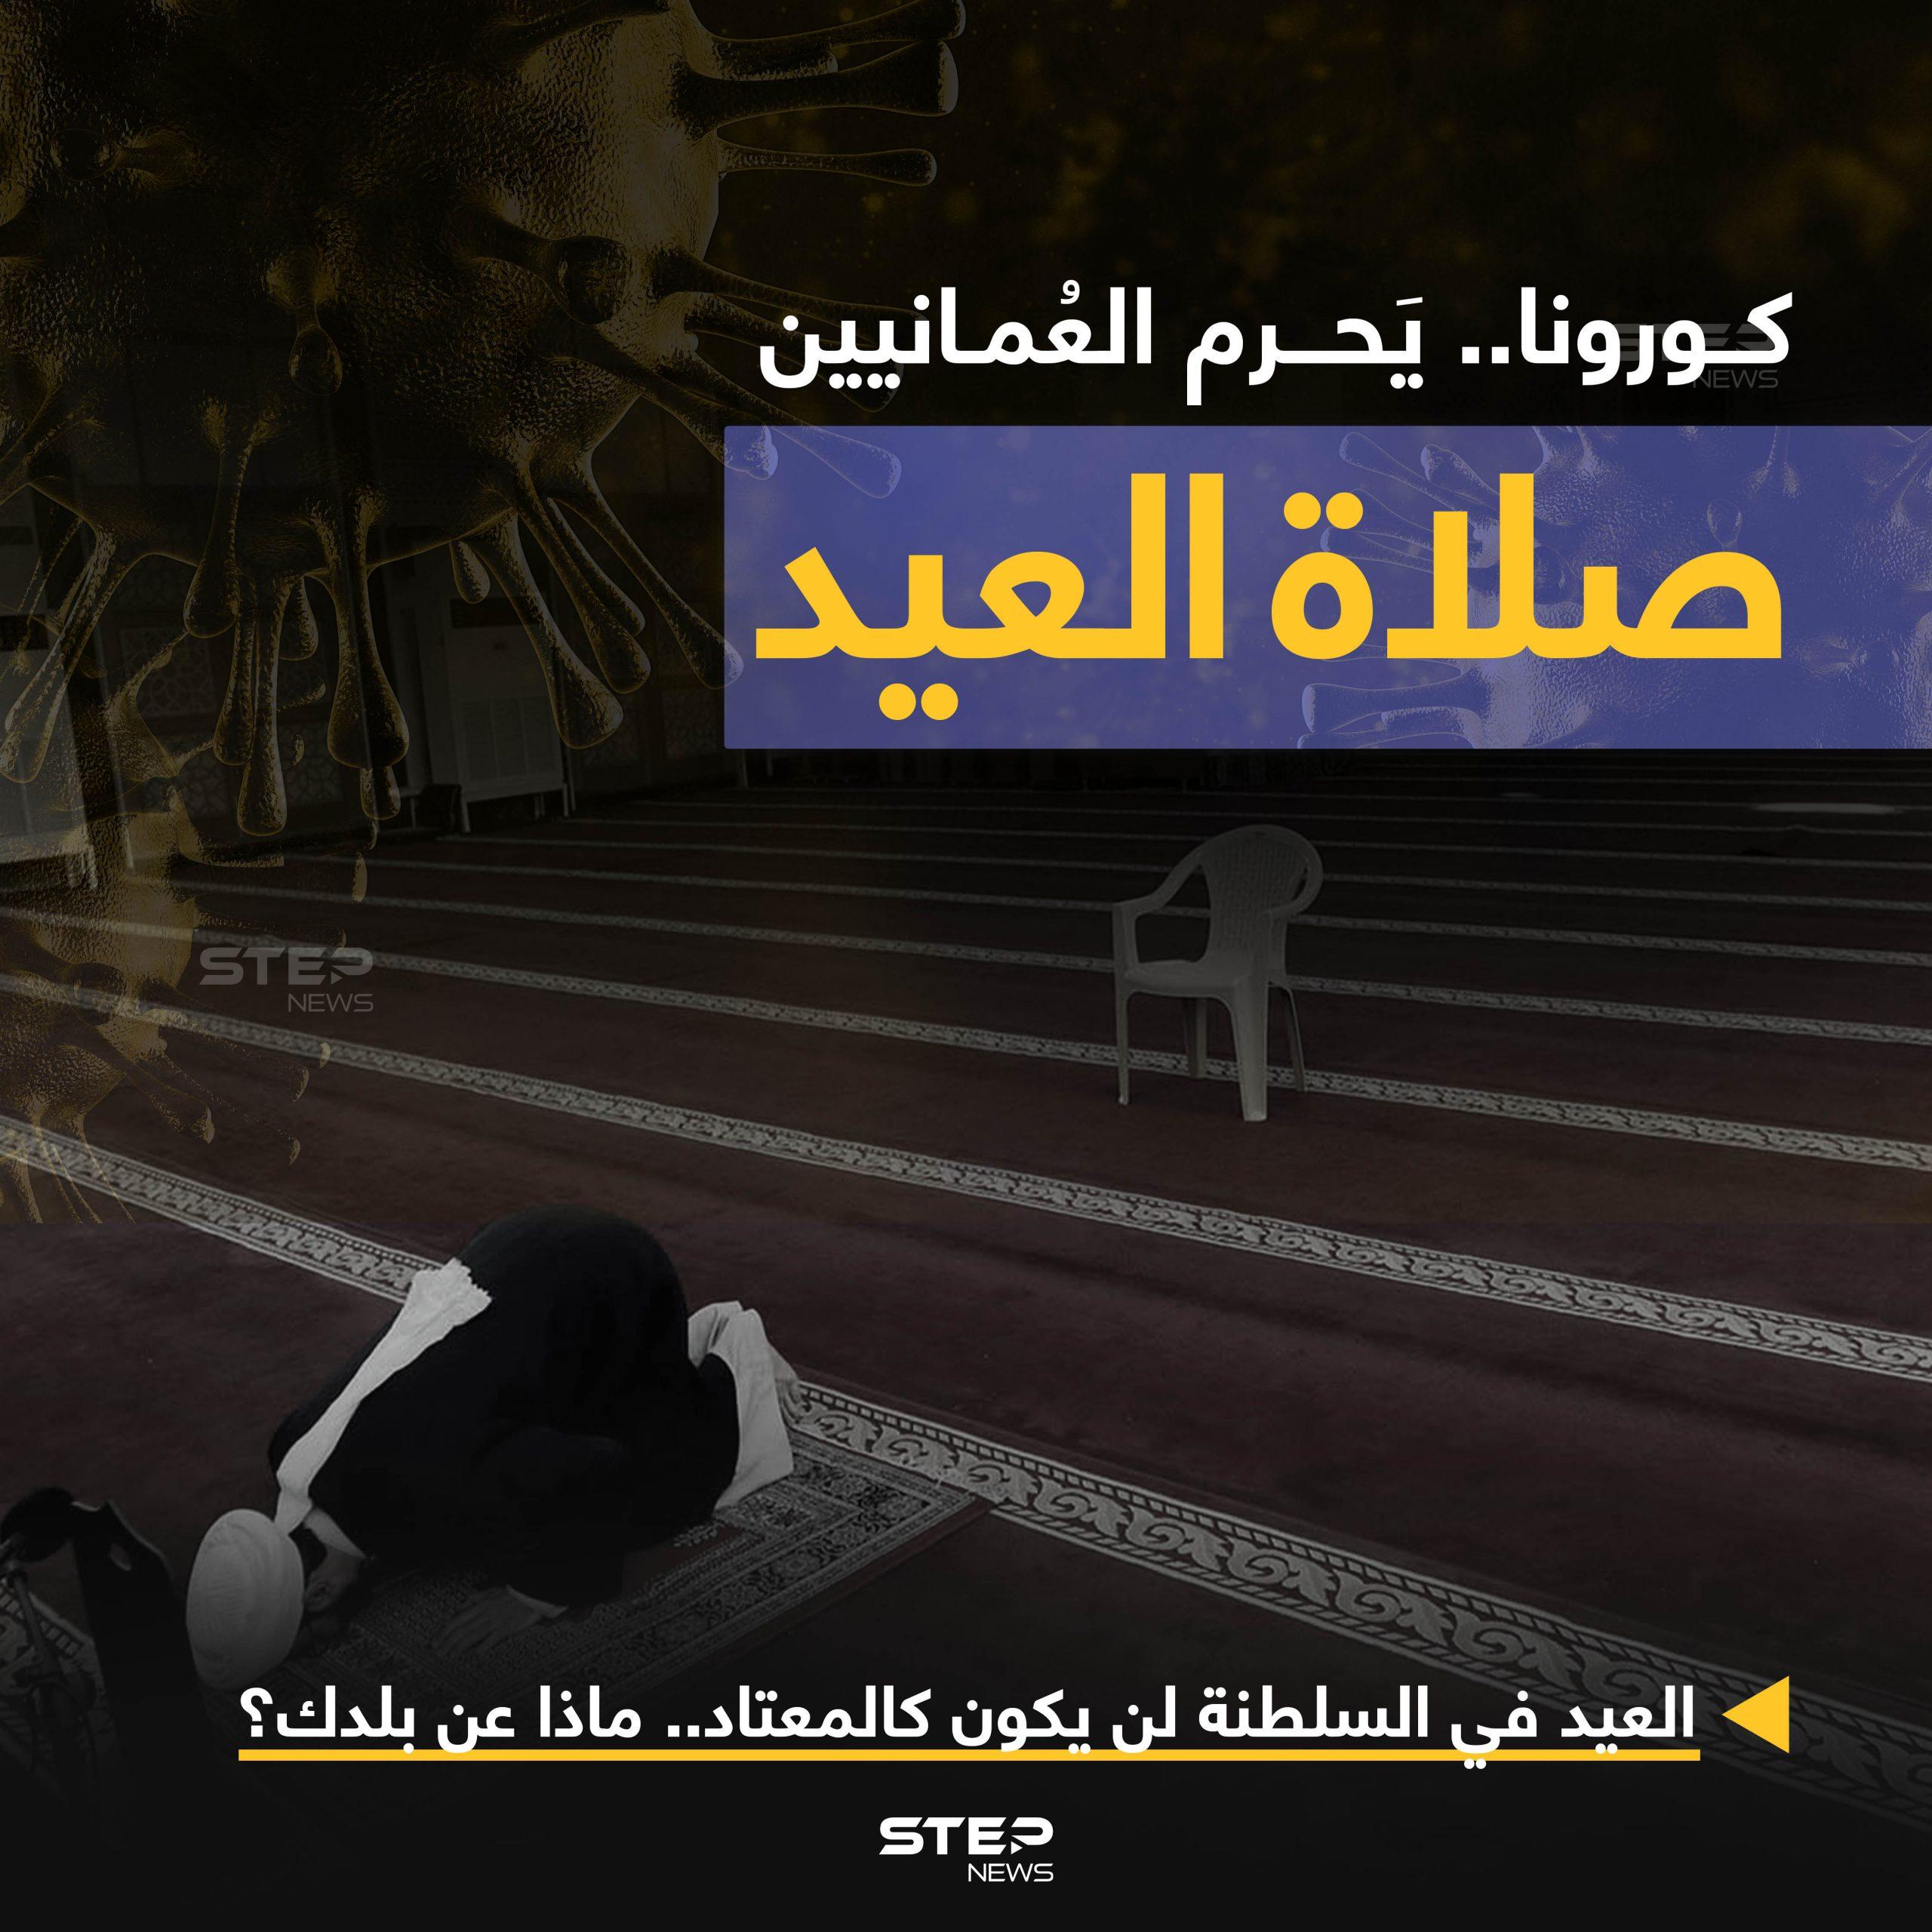 عدة قرارات اتخذتها اللجنة العليا المكلفة بالتعامل مع التطورات الناتجة عن انتشار فيروس كورونا في سلطنة عمان، منها عدم إقامة صلاة العيد وأسواق العيد التقليدية هذا العام